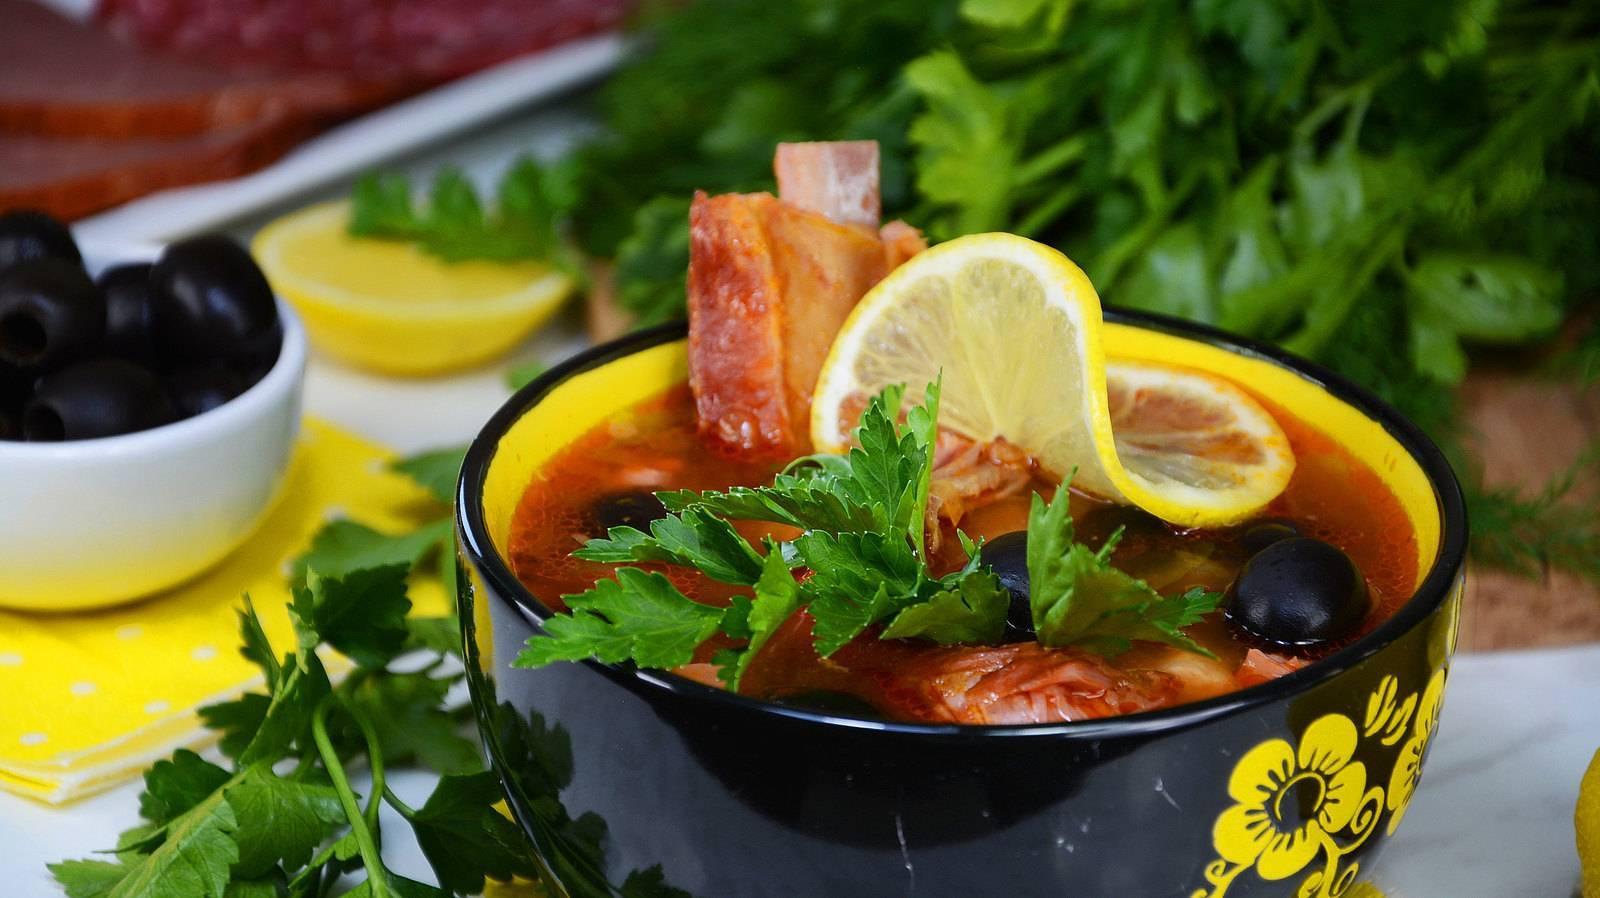 Суп-солянка — рецепты как вкусно приготовить солянку дома